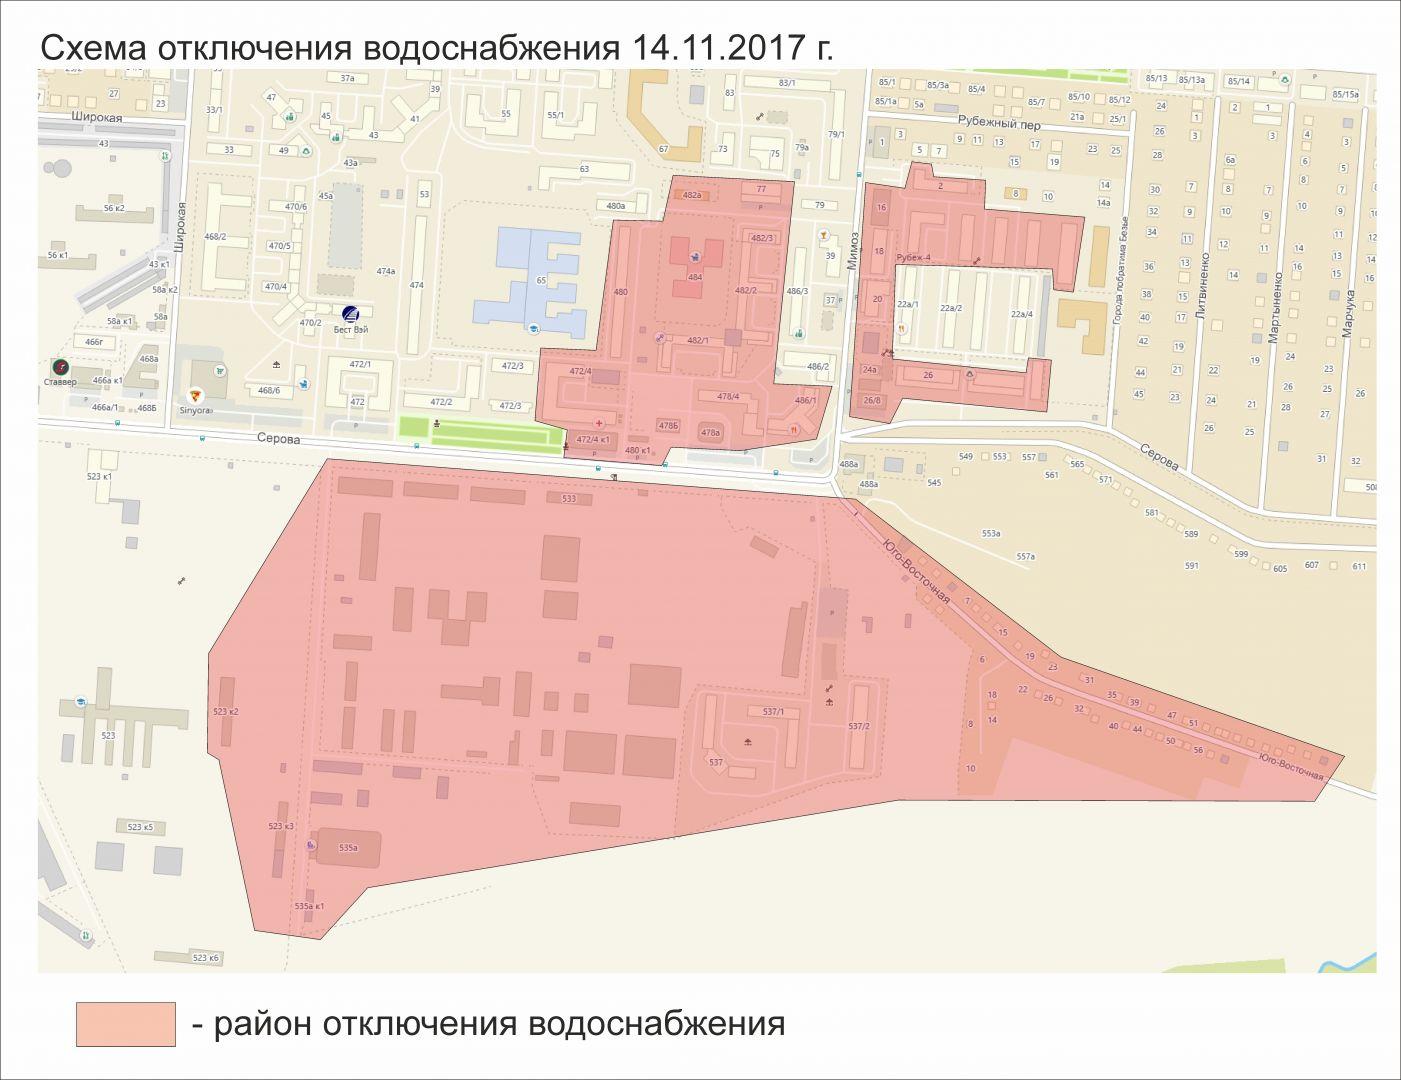 14 ноября часть жителей Ставрополя останется без воды